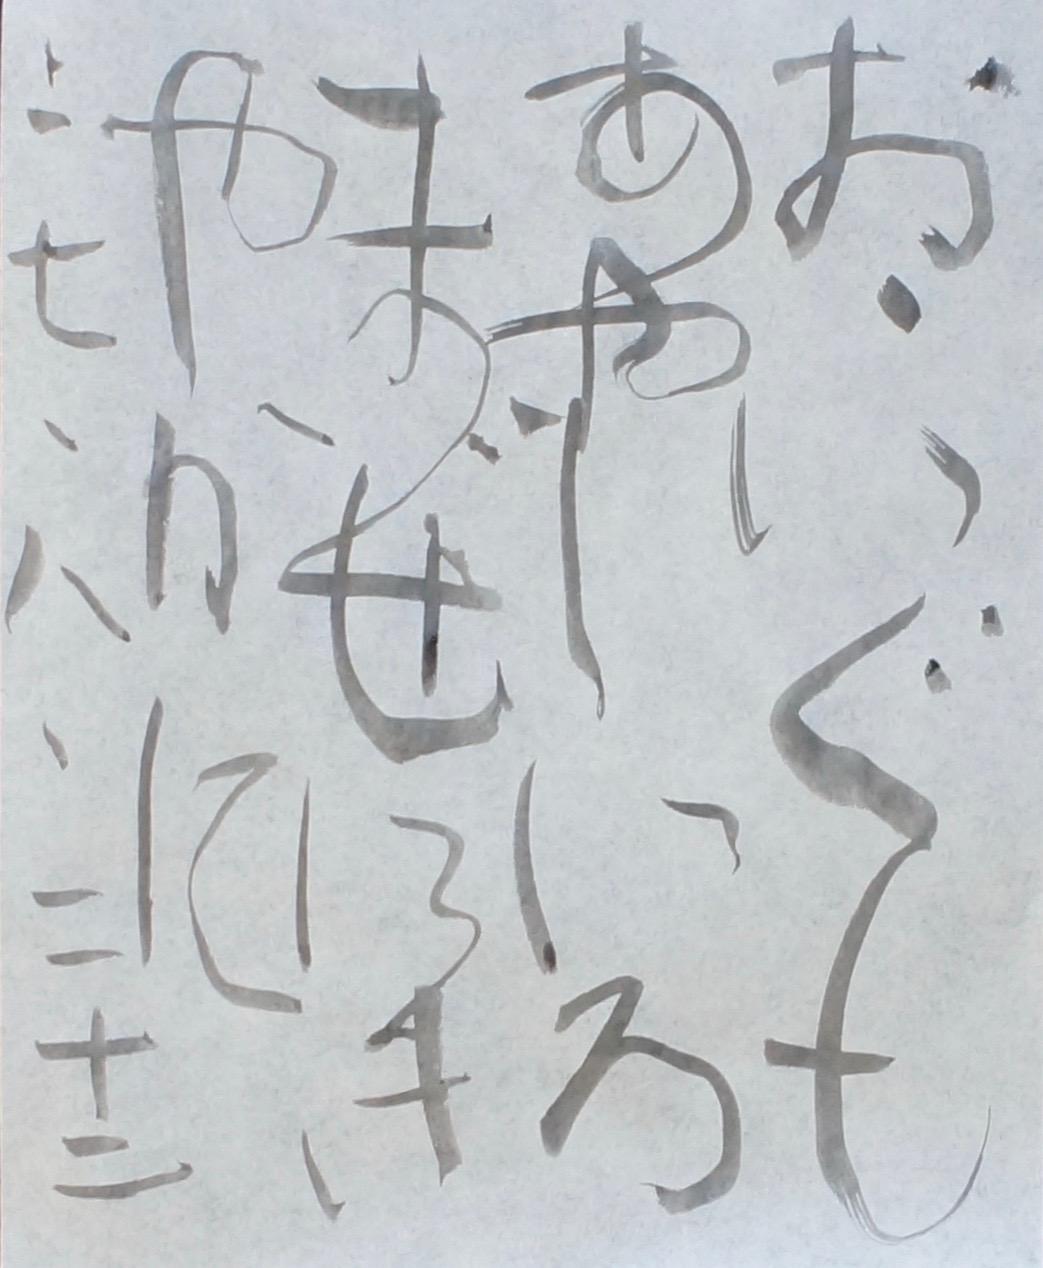 朝歌8月22日_c0169176_7572278.jpg